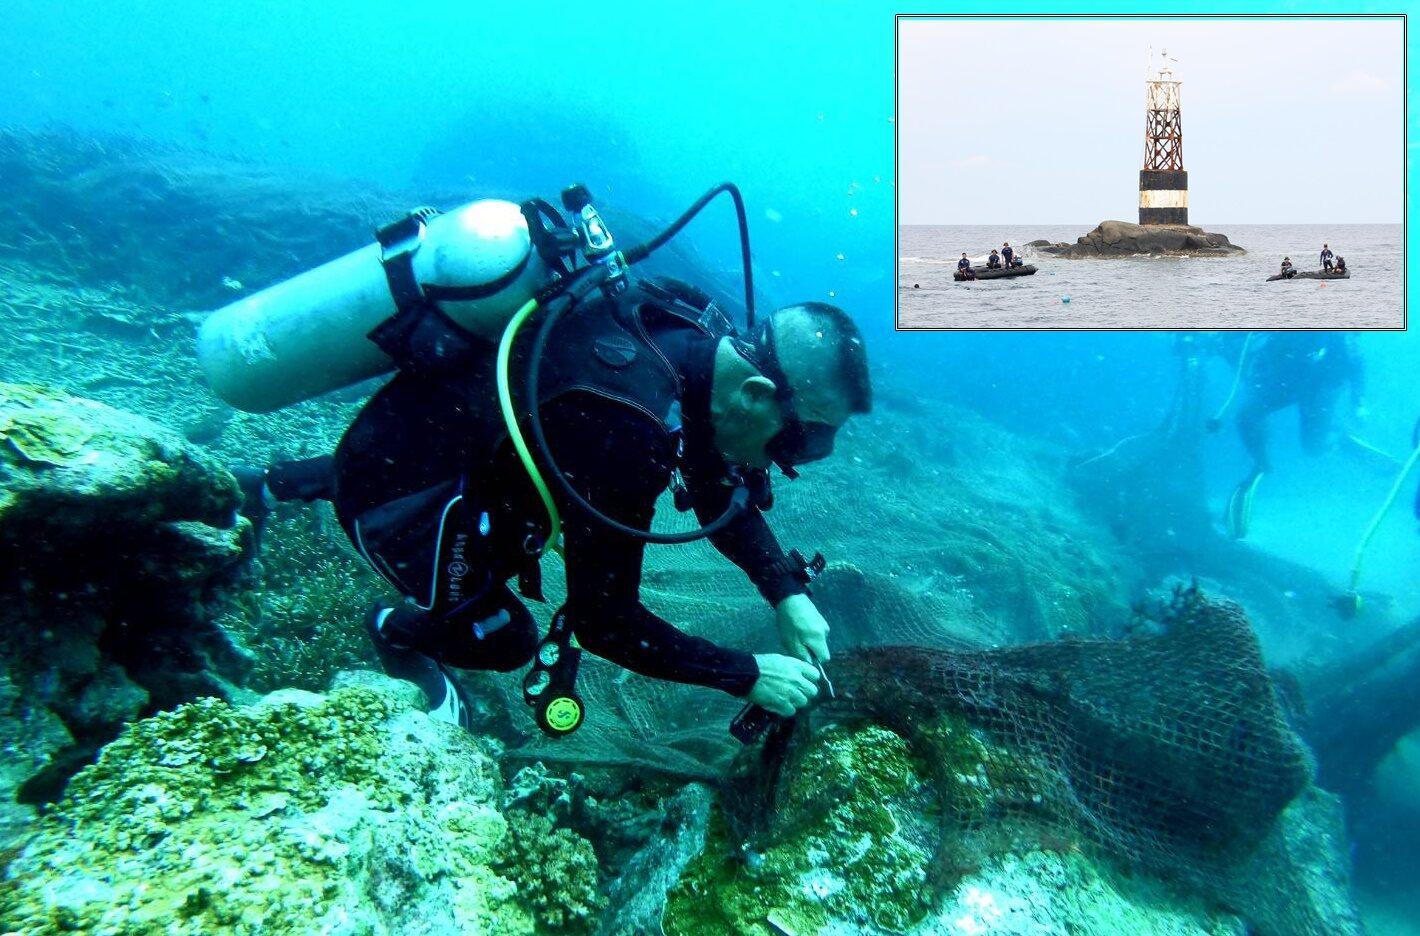 ภารกิจสำเร็จ! ศรชล.ตัดอวนกู้ปะการัง เกาะโลซิน